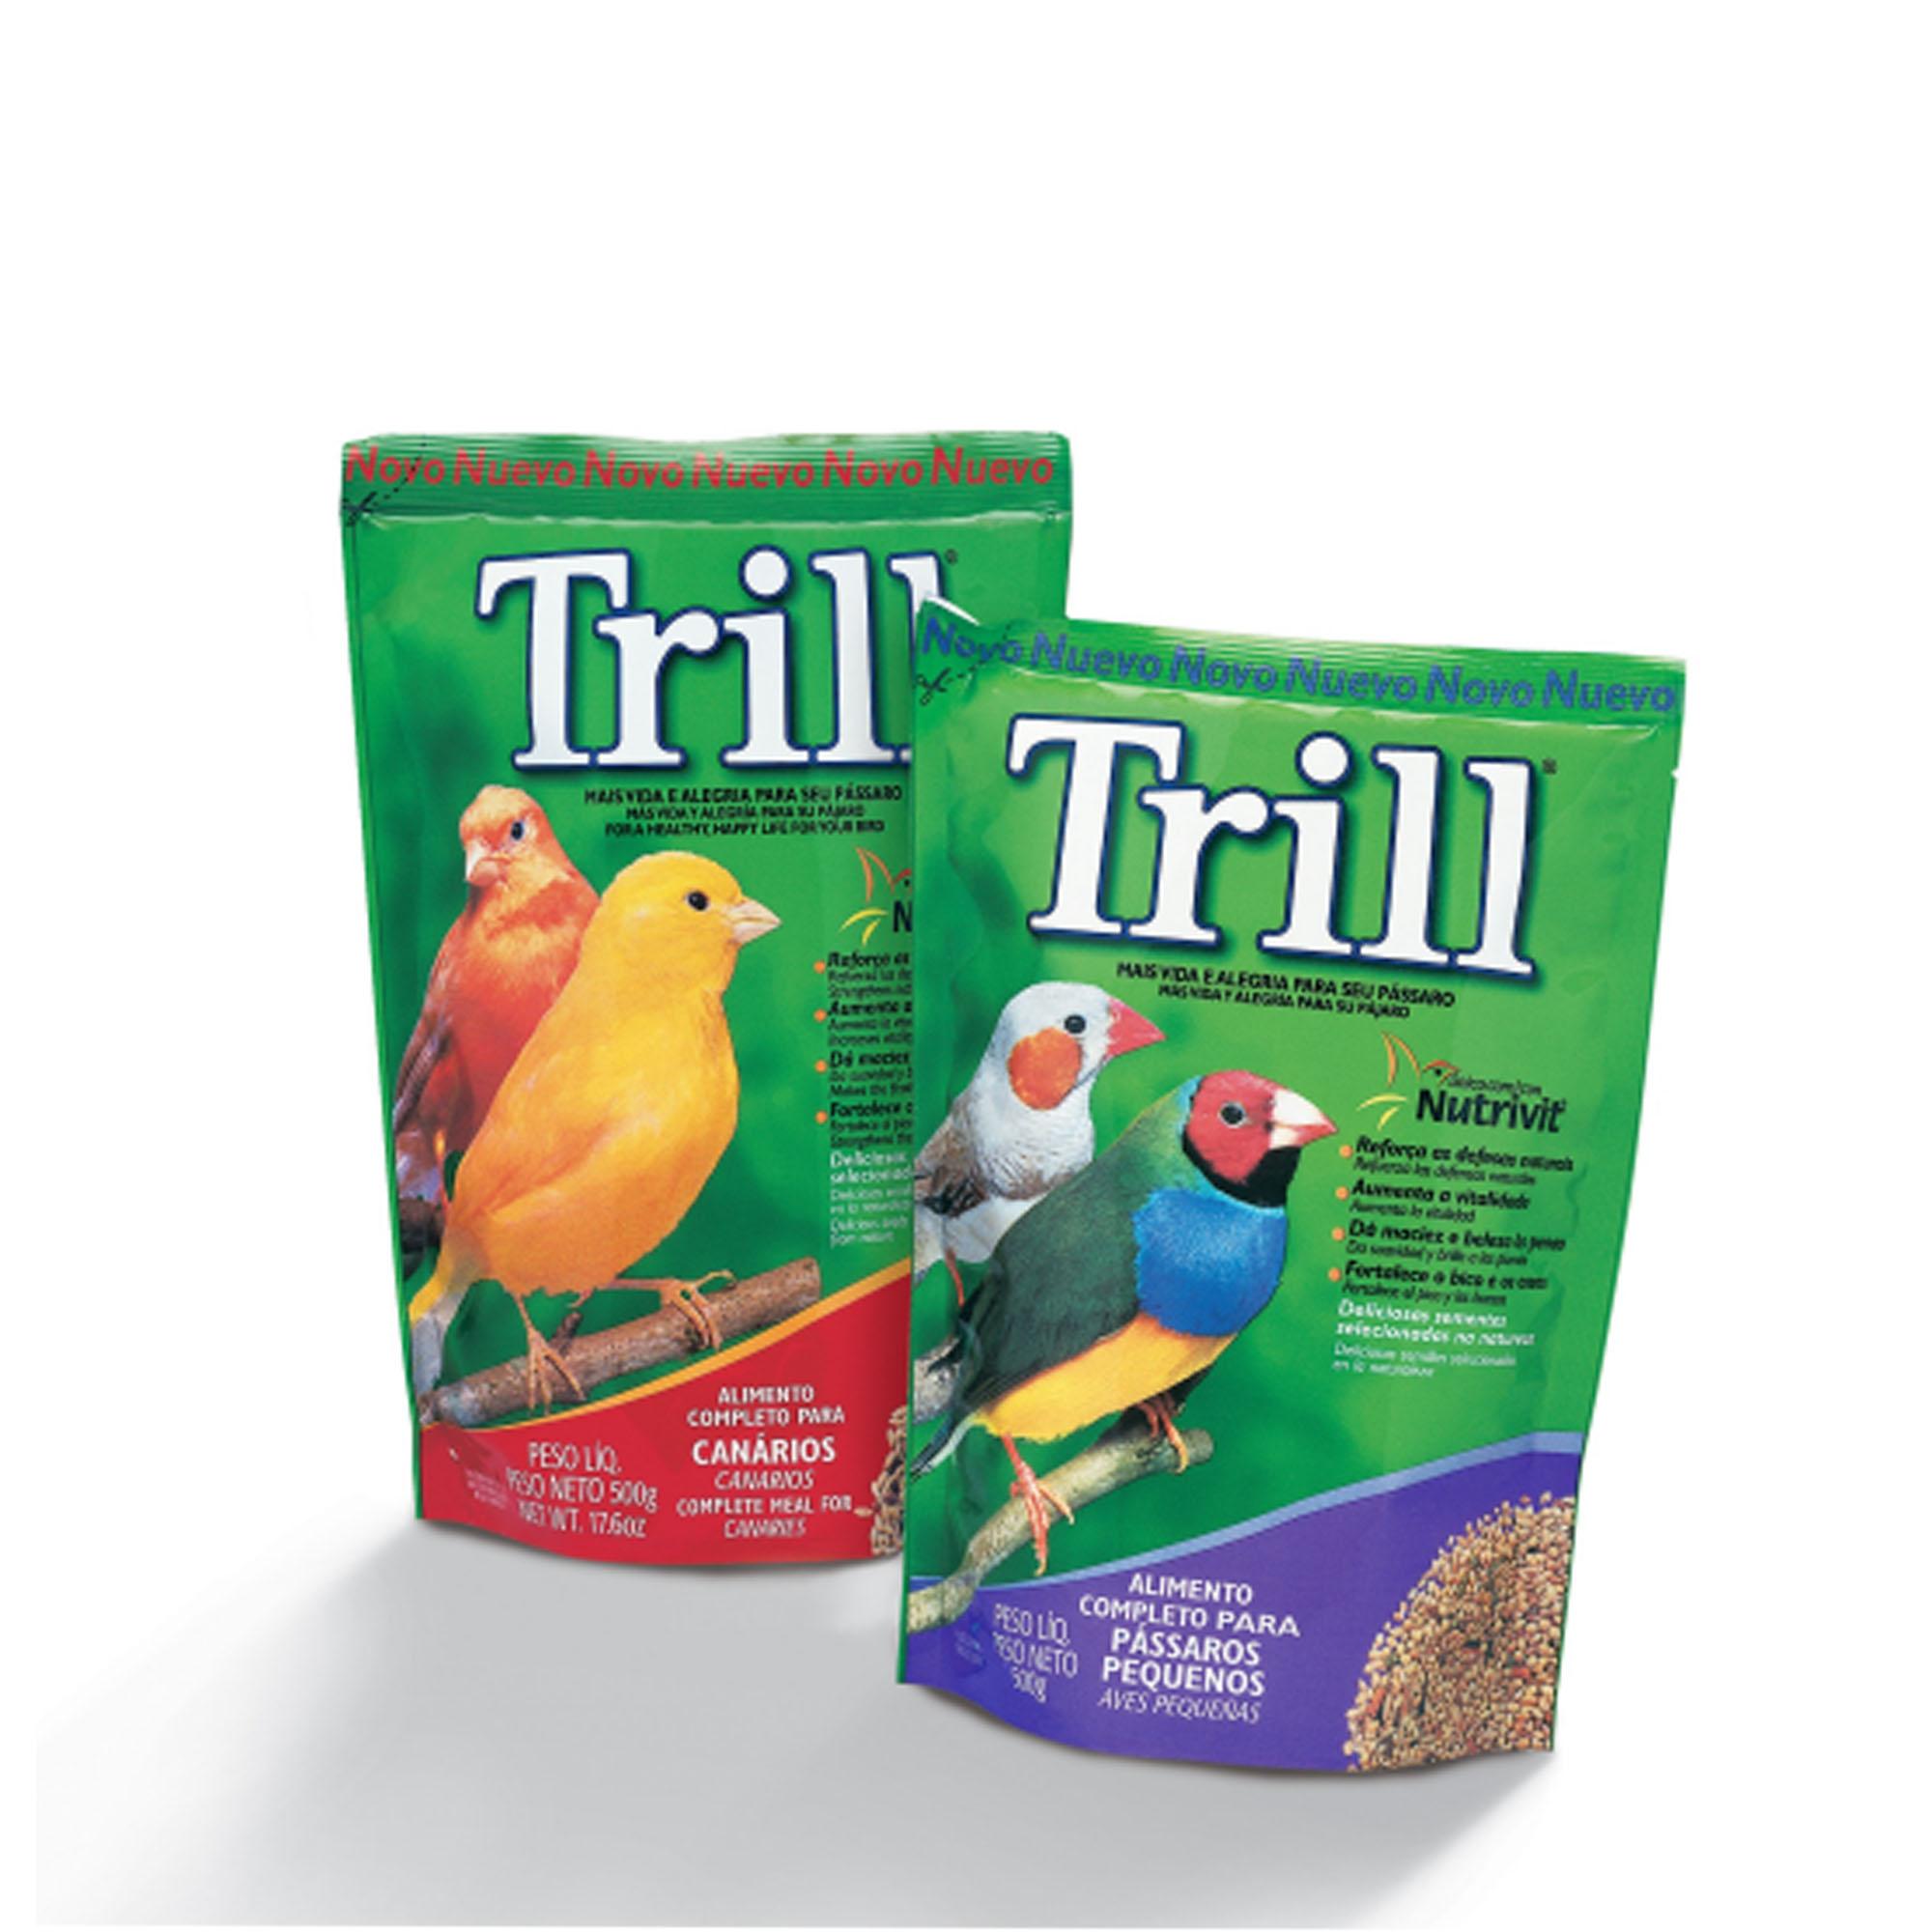 embalagem Trill